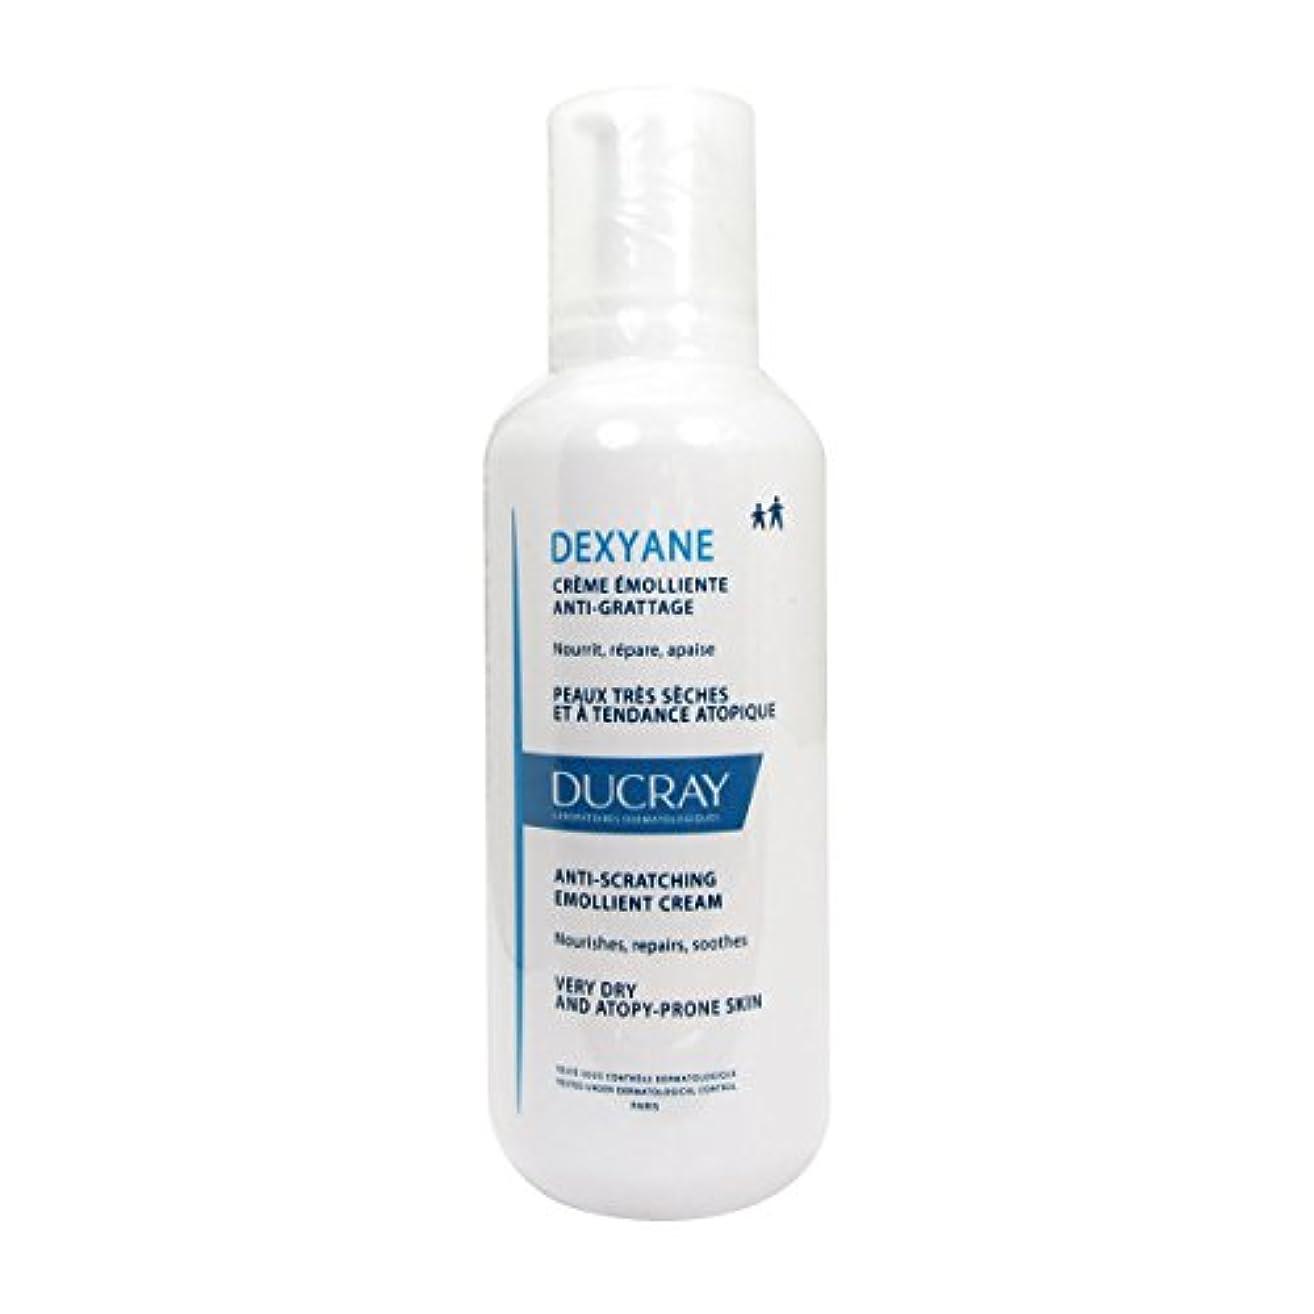 うなずく体クラシックDucray Dexyane Anti-scratching Emollient Cream 400ml [並行輸入品]